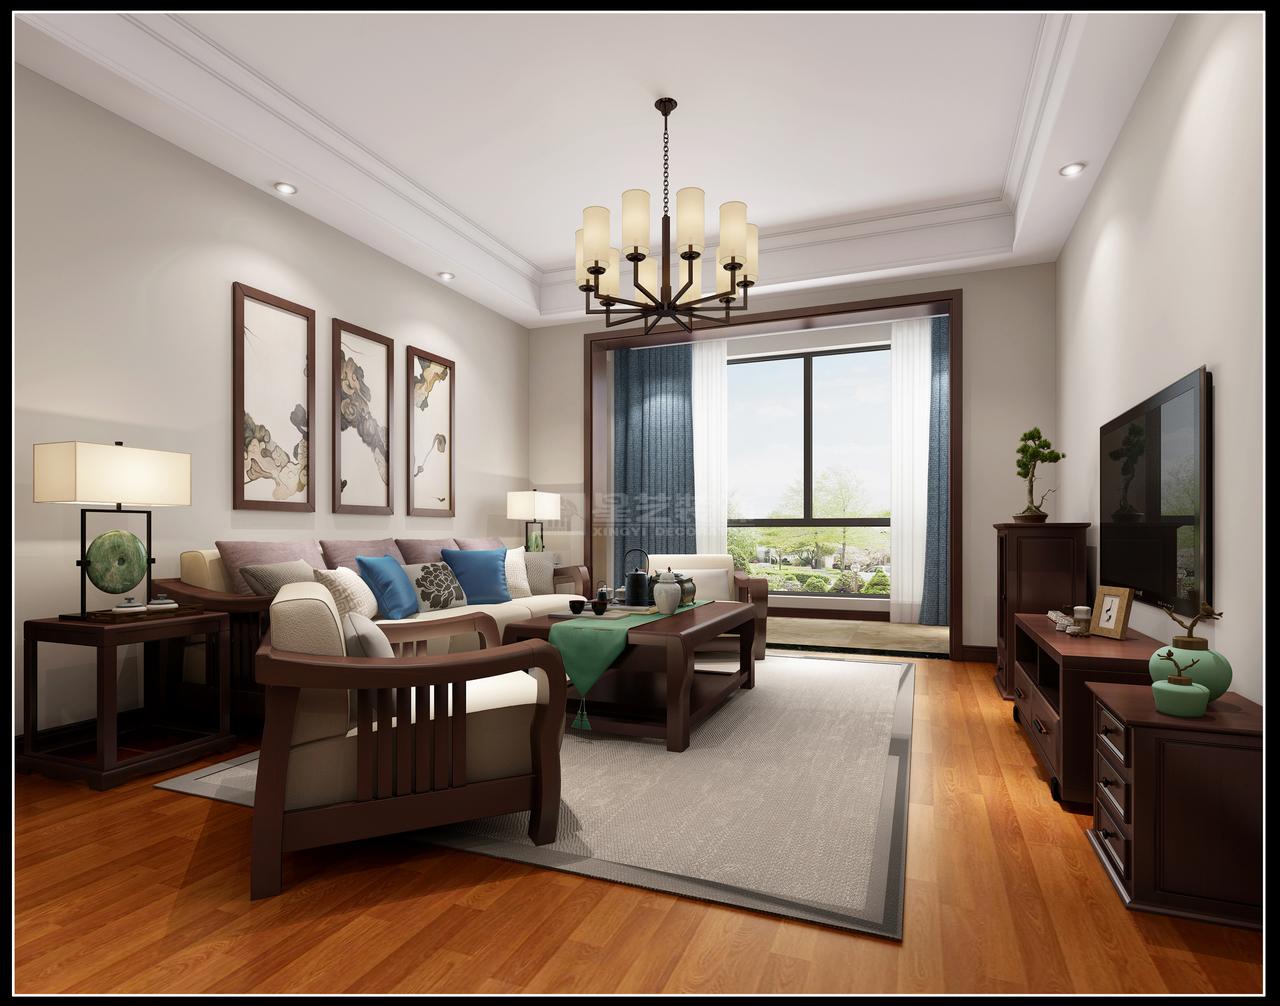 贵阳星艺装饰70平米职工房新中式案例,小房子大智慧----一切设计装修来搭配!